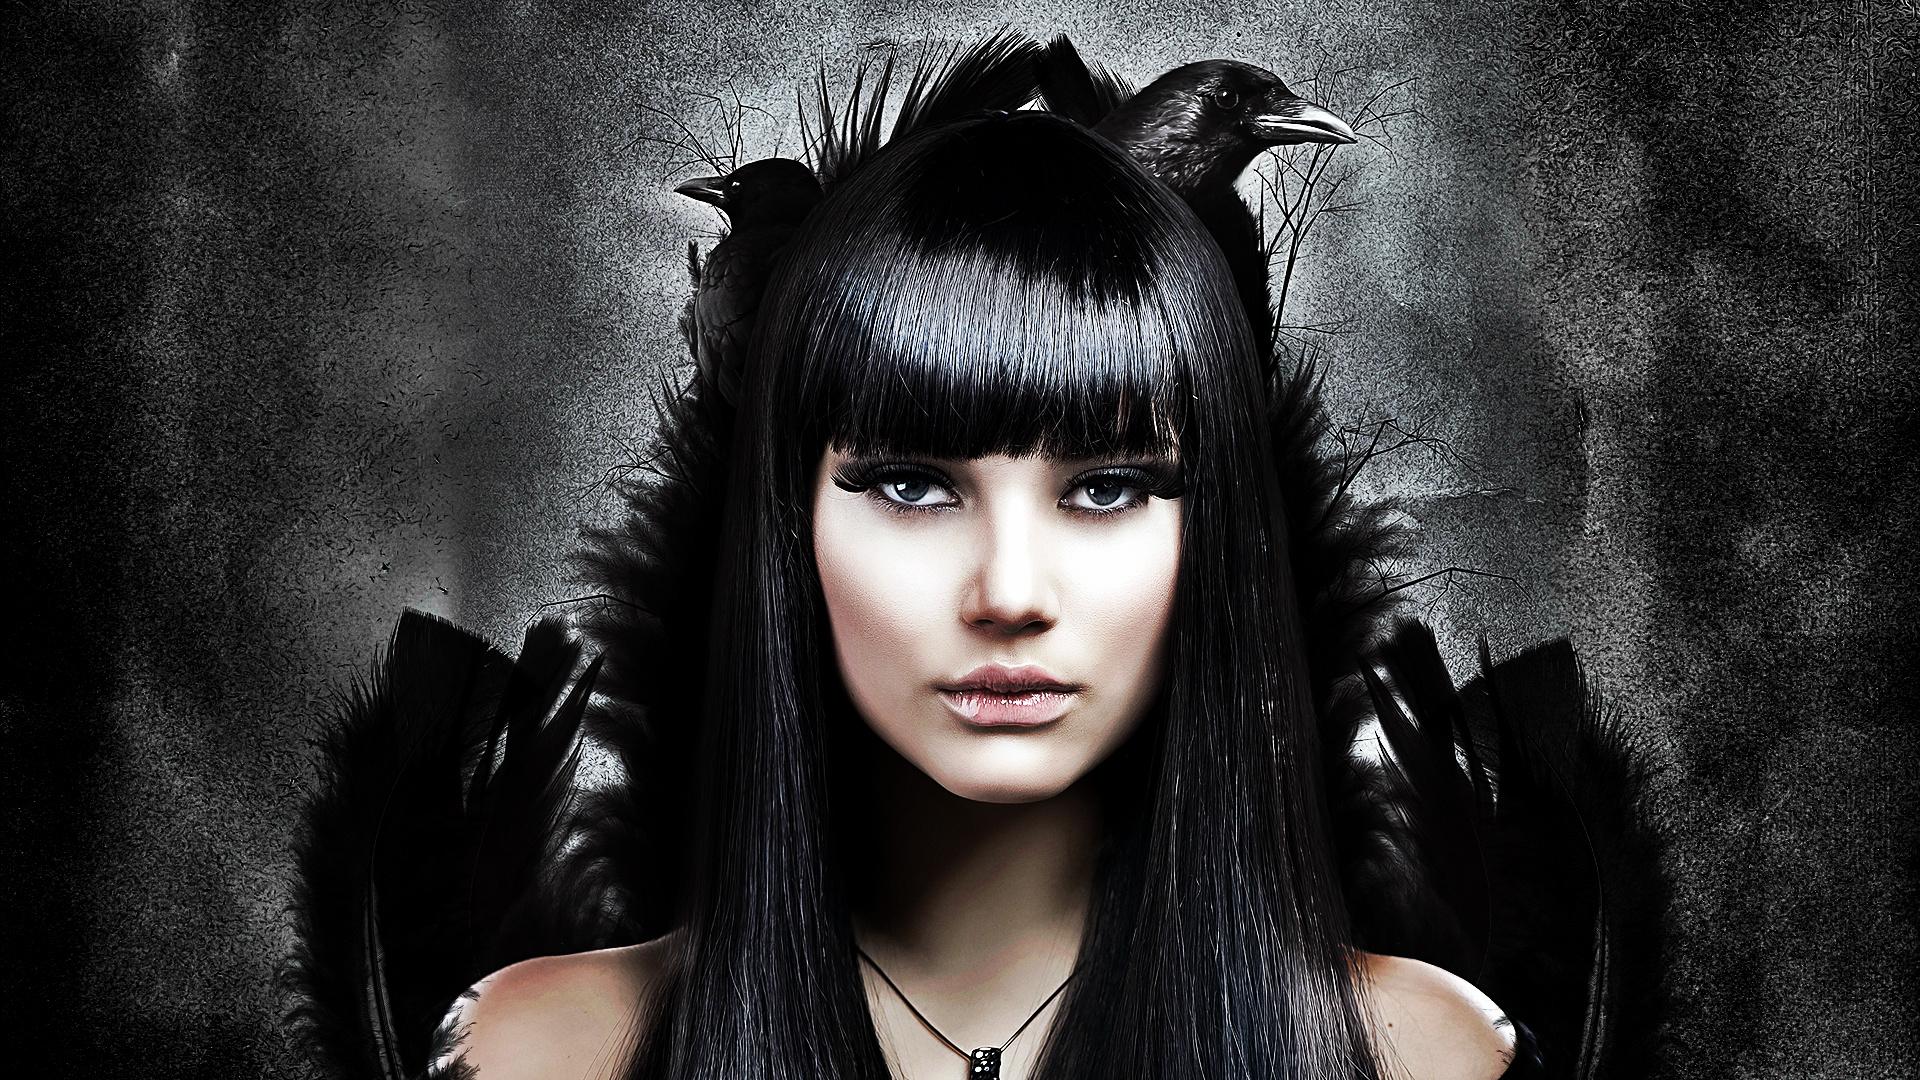 Сила Ведьмы. Кто из знаков зодиака прирожденная колдунья